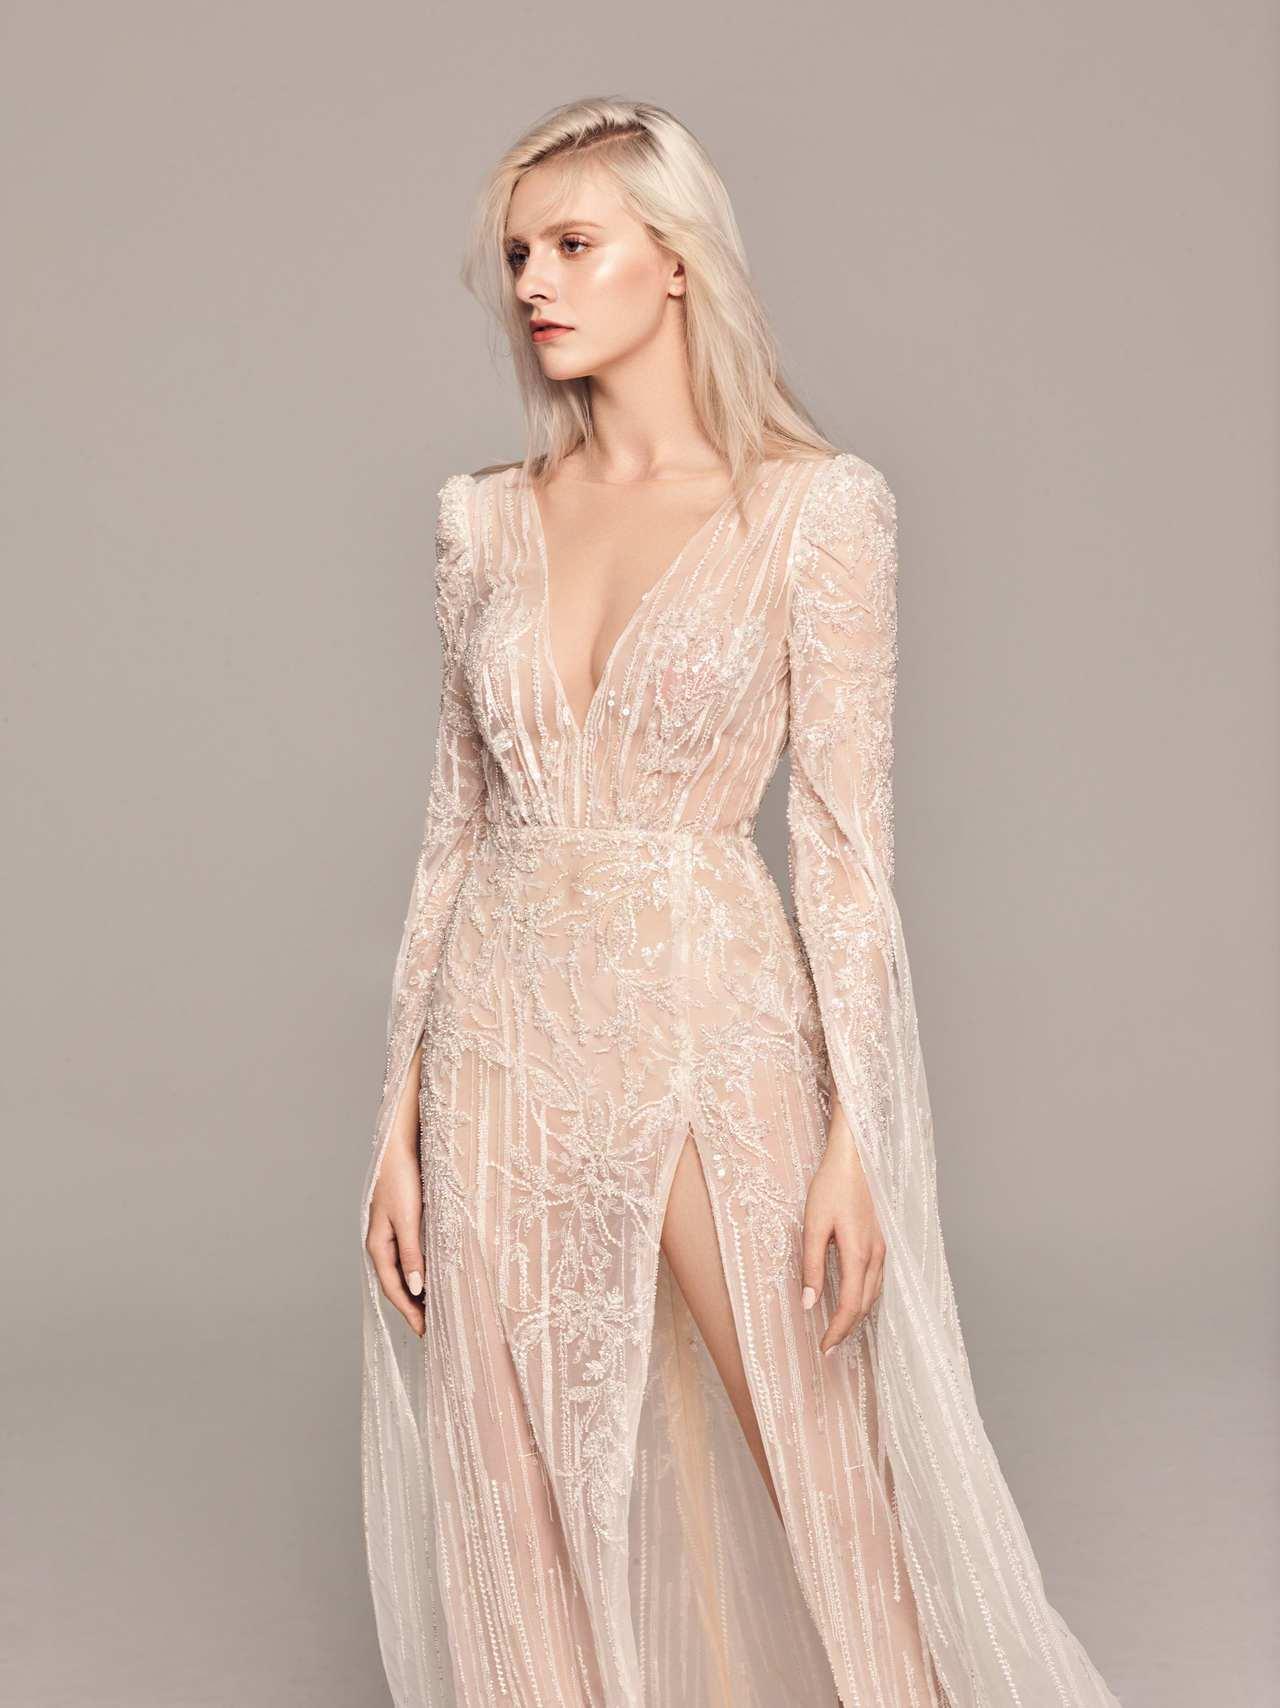 2020春夏白金系列水袖挖背禮服。圖/LinLi Boutique提供